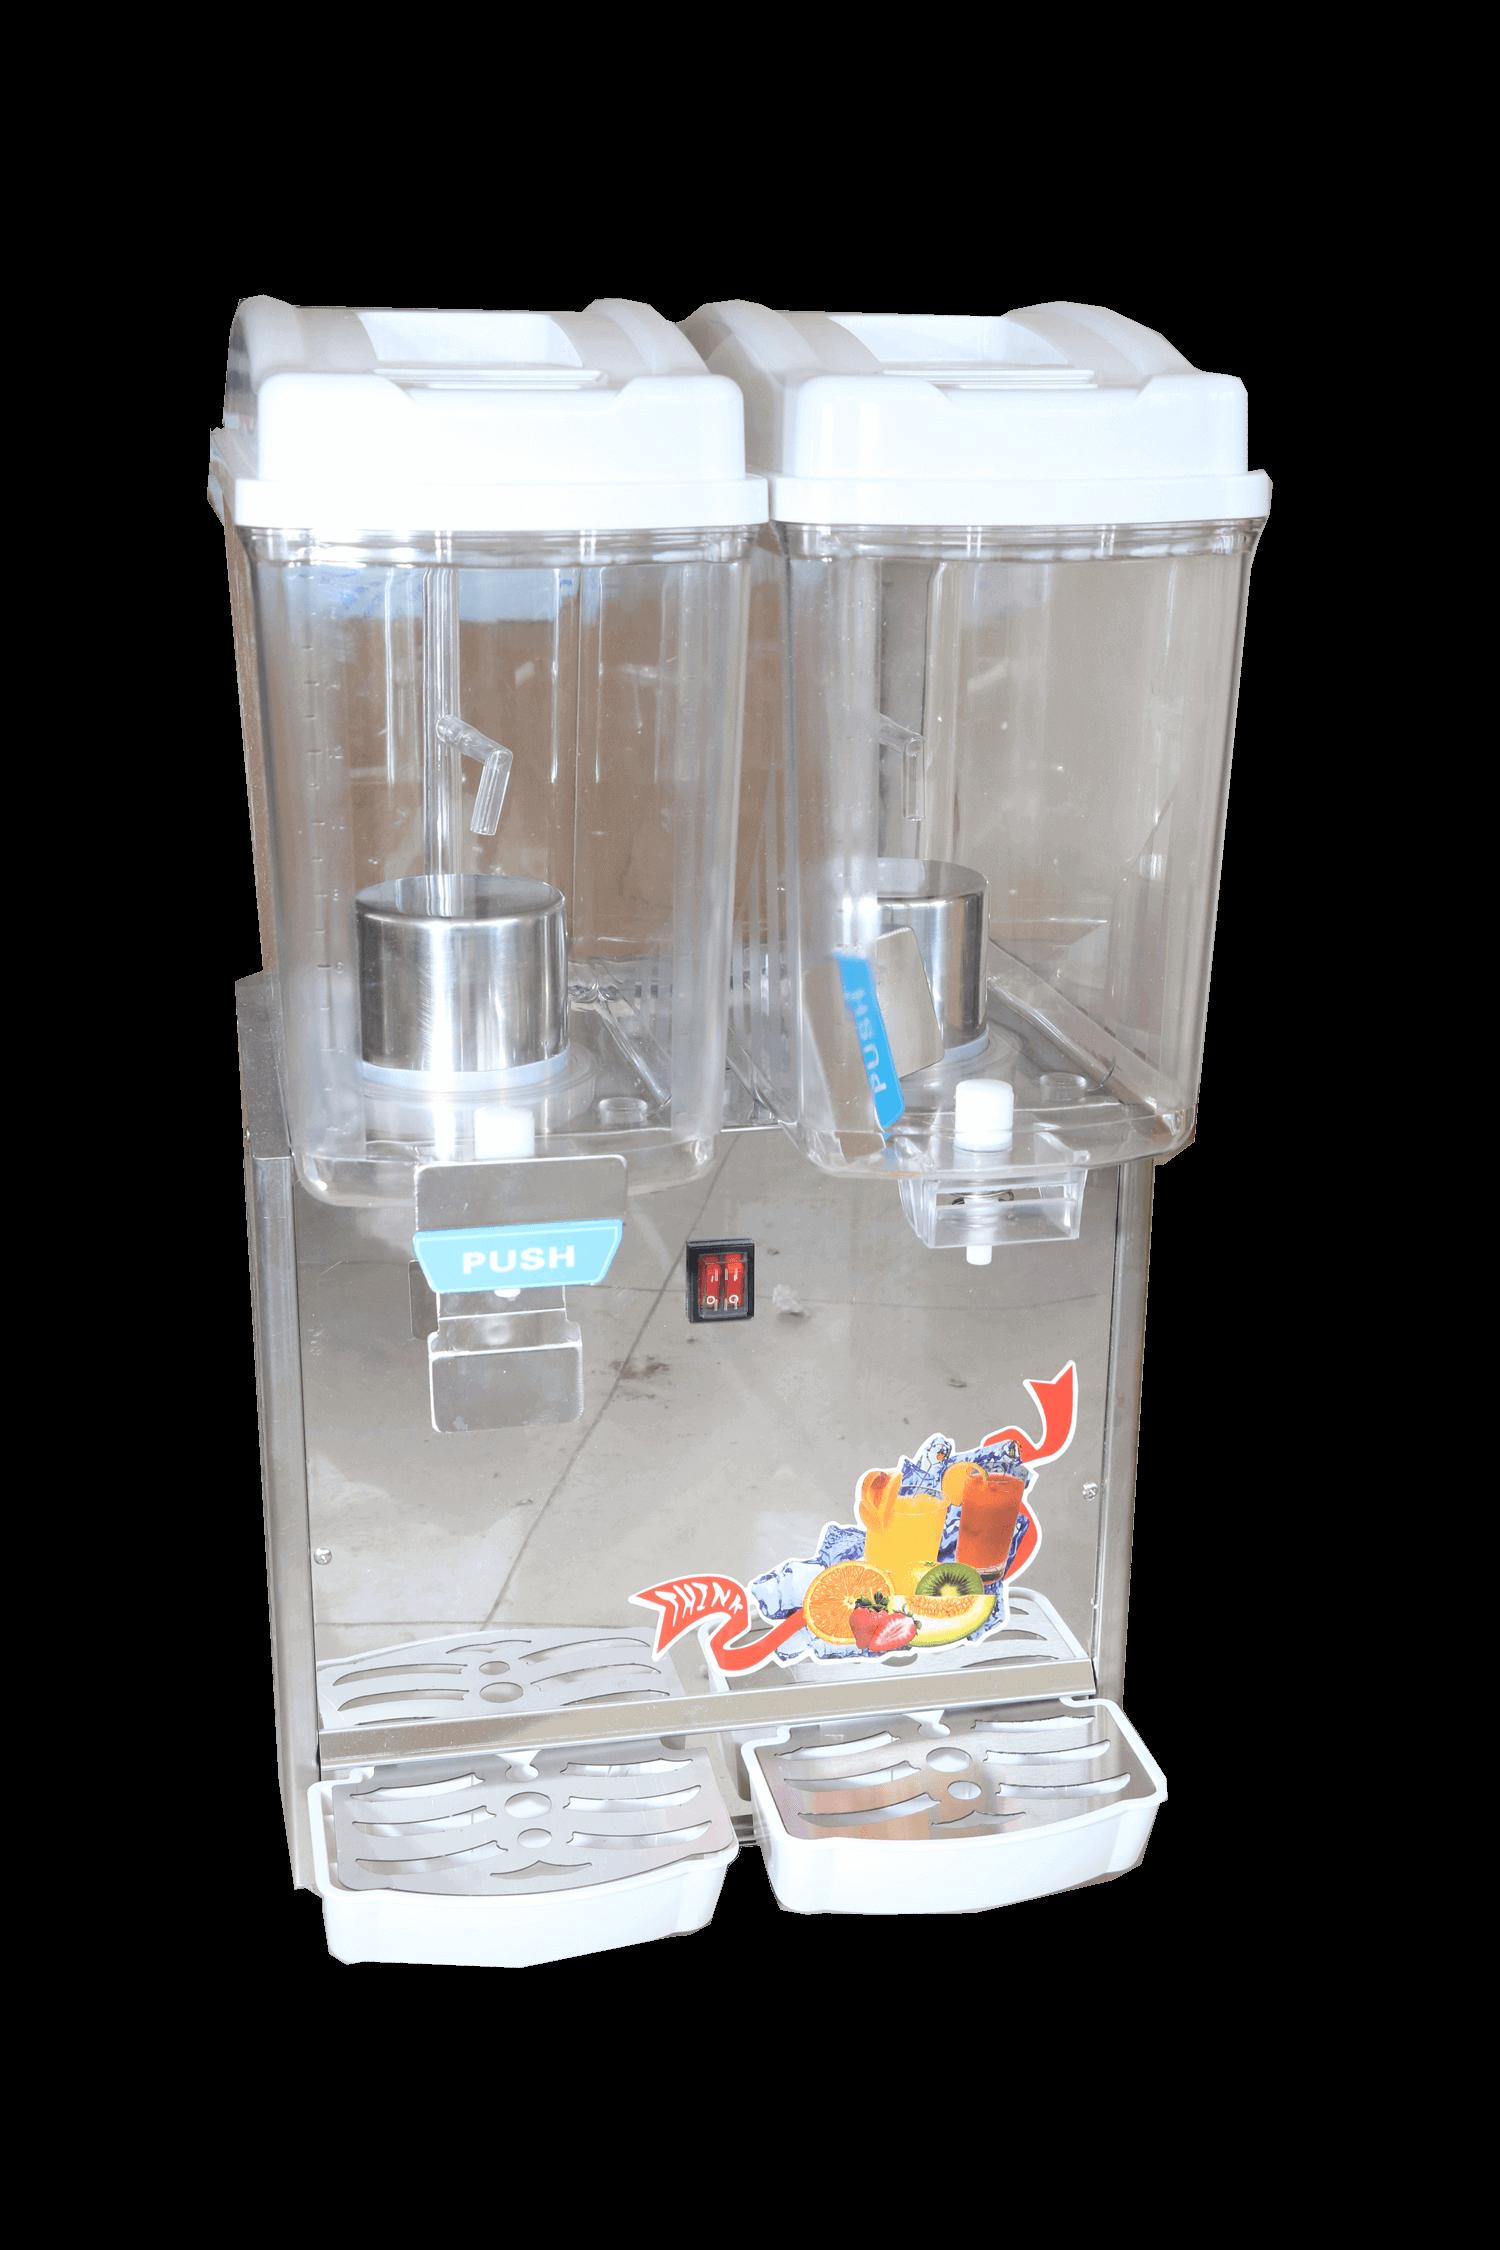 Аппарат для сока (Сокоохладитель) 2х секционный